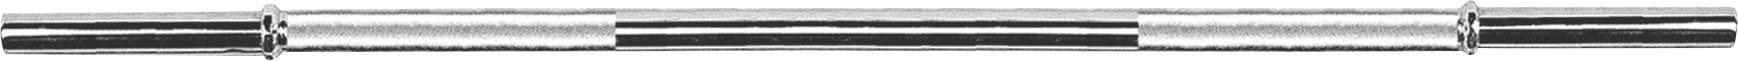 Μπάρα με ίσιο κολάρο Φ28mmx200cm, 10kg